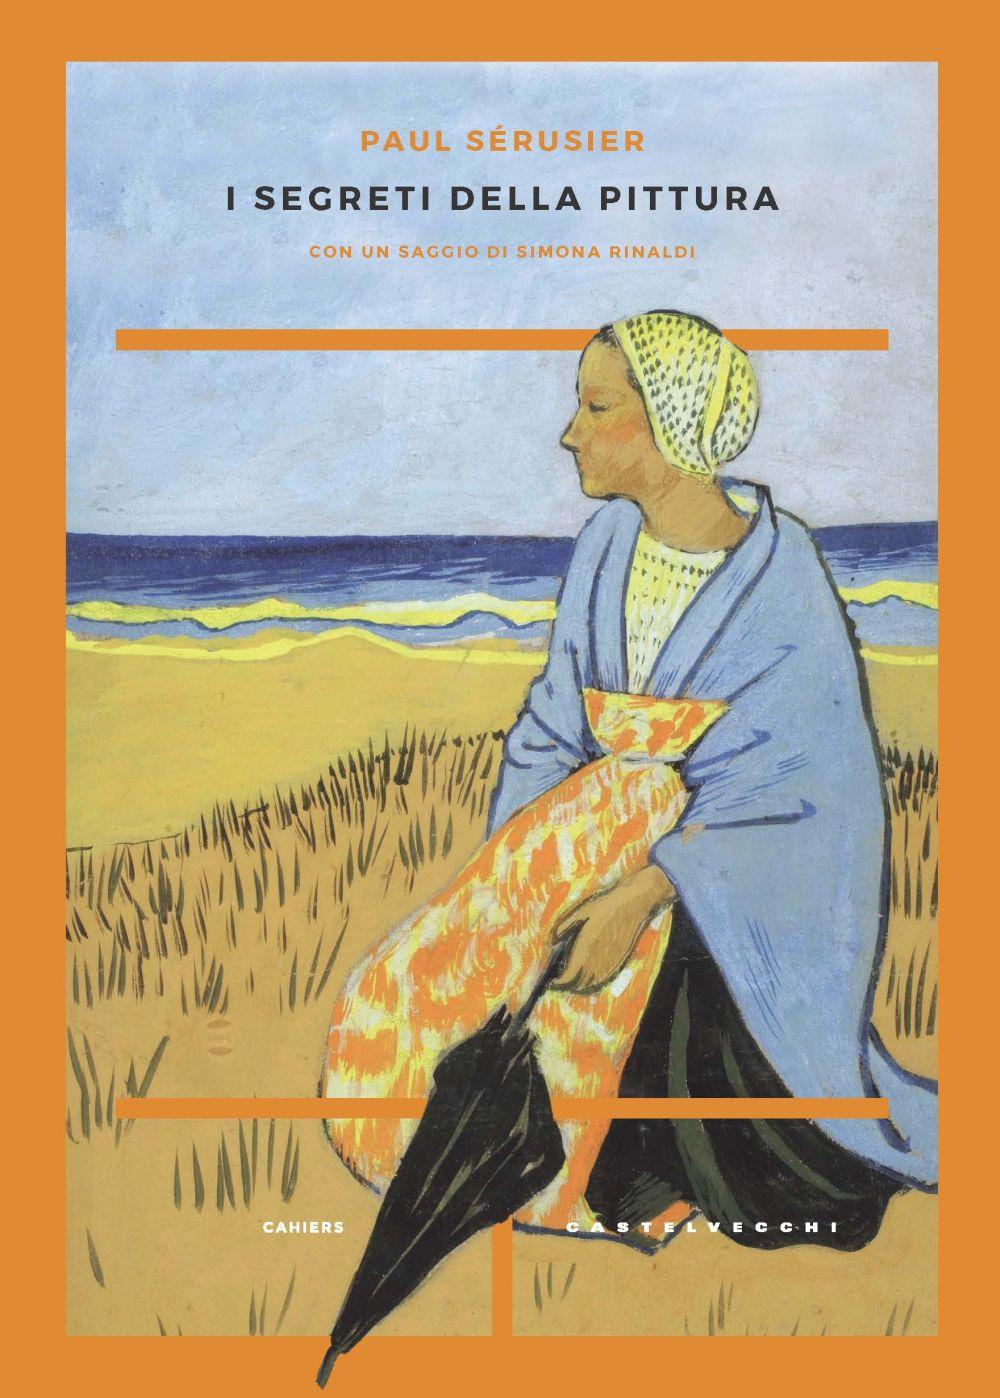 SEGRETI DELLA PITTURA-VITA E OPERE DI PAUL SÉRUSIER (I) - Sérusier Paul; Denis Maurice - 9788832900392